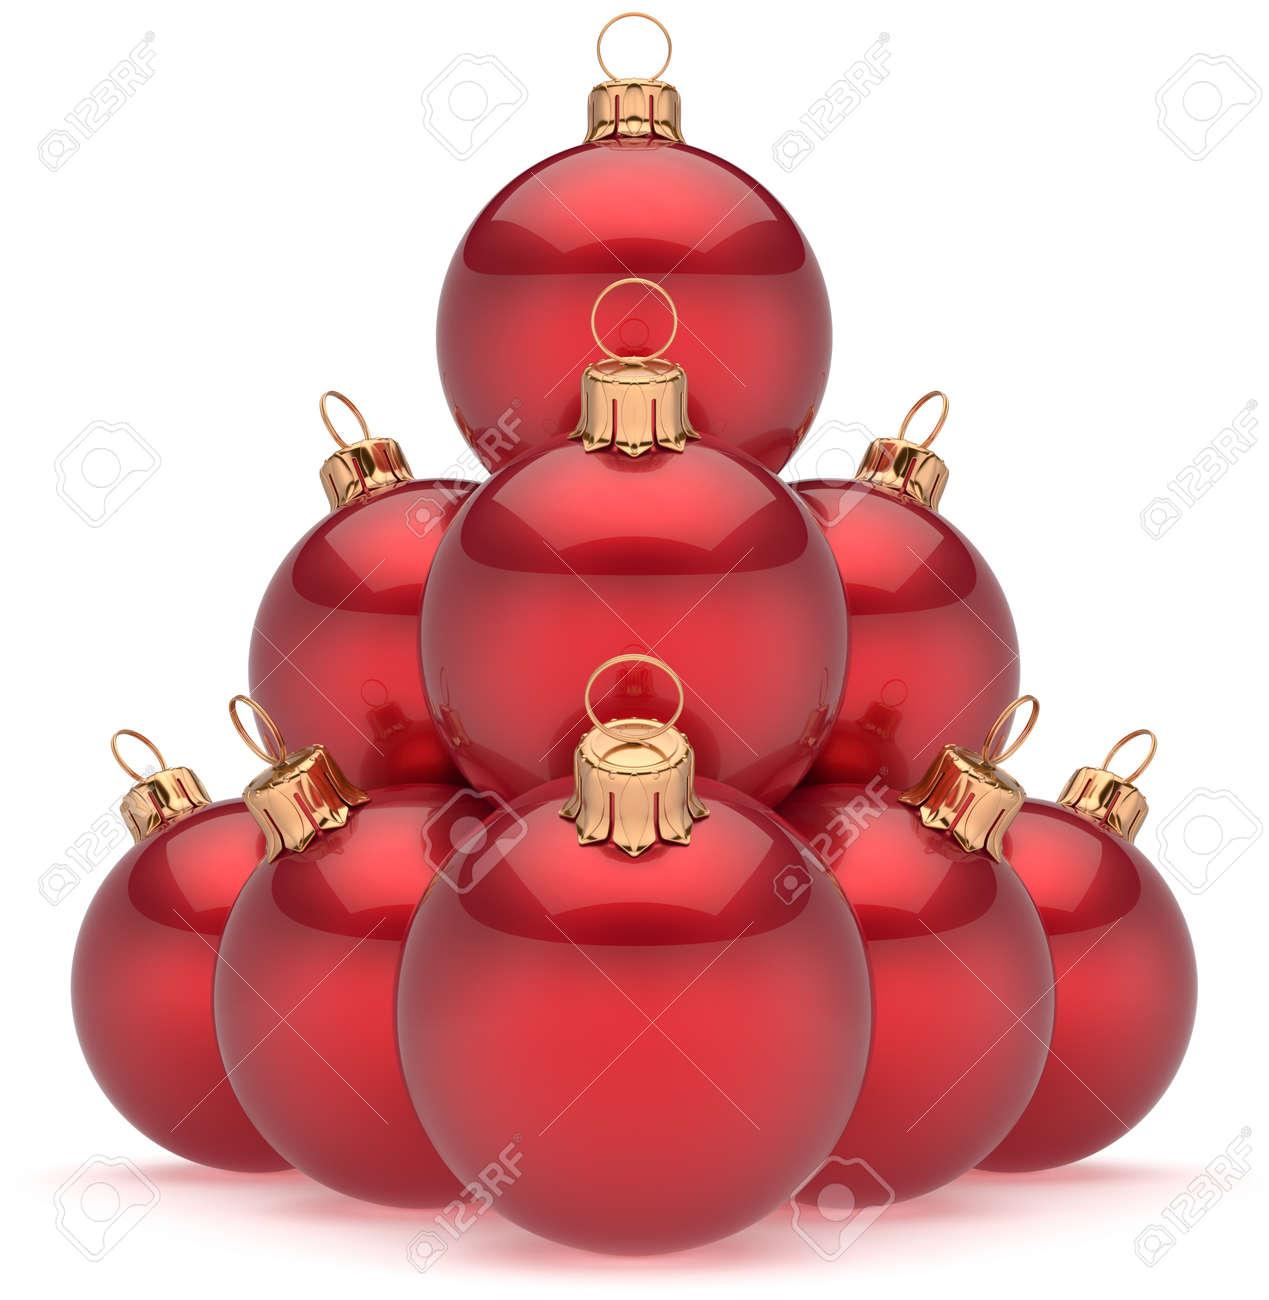 6096527cc50 Esferas Brillantes Eva Grupo De Objetos De Decoración De Adorno Bolas De  Navidad Pirámide Roja De Año Nuevo Ornamento. Feliz Navidad Vacaciones De  Invierno ...